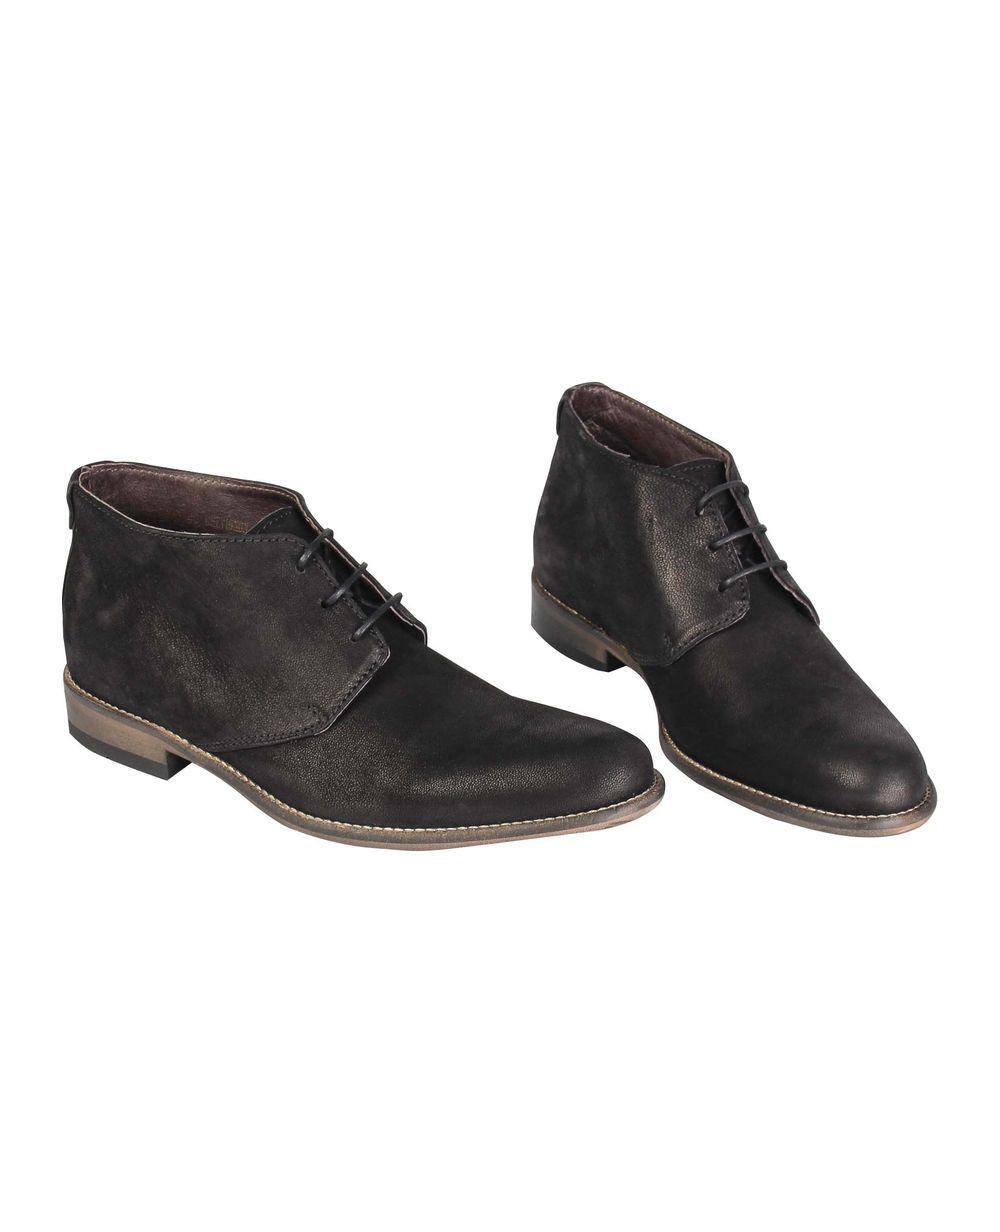 6649c04a zapatos alcampo 2018, alcampo zapatos colegio, zapatos colegiales alcampo,  zapatos alcampo mujer, tienda zapatos alcampo, zapatos alcampo hombre, ...